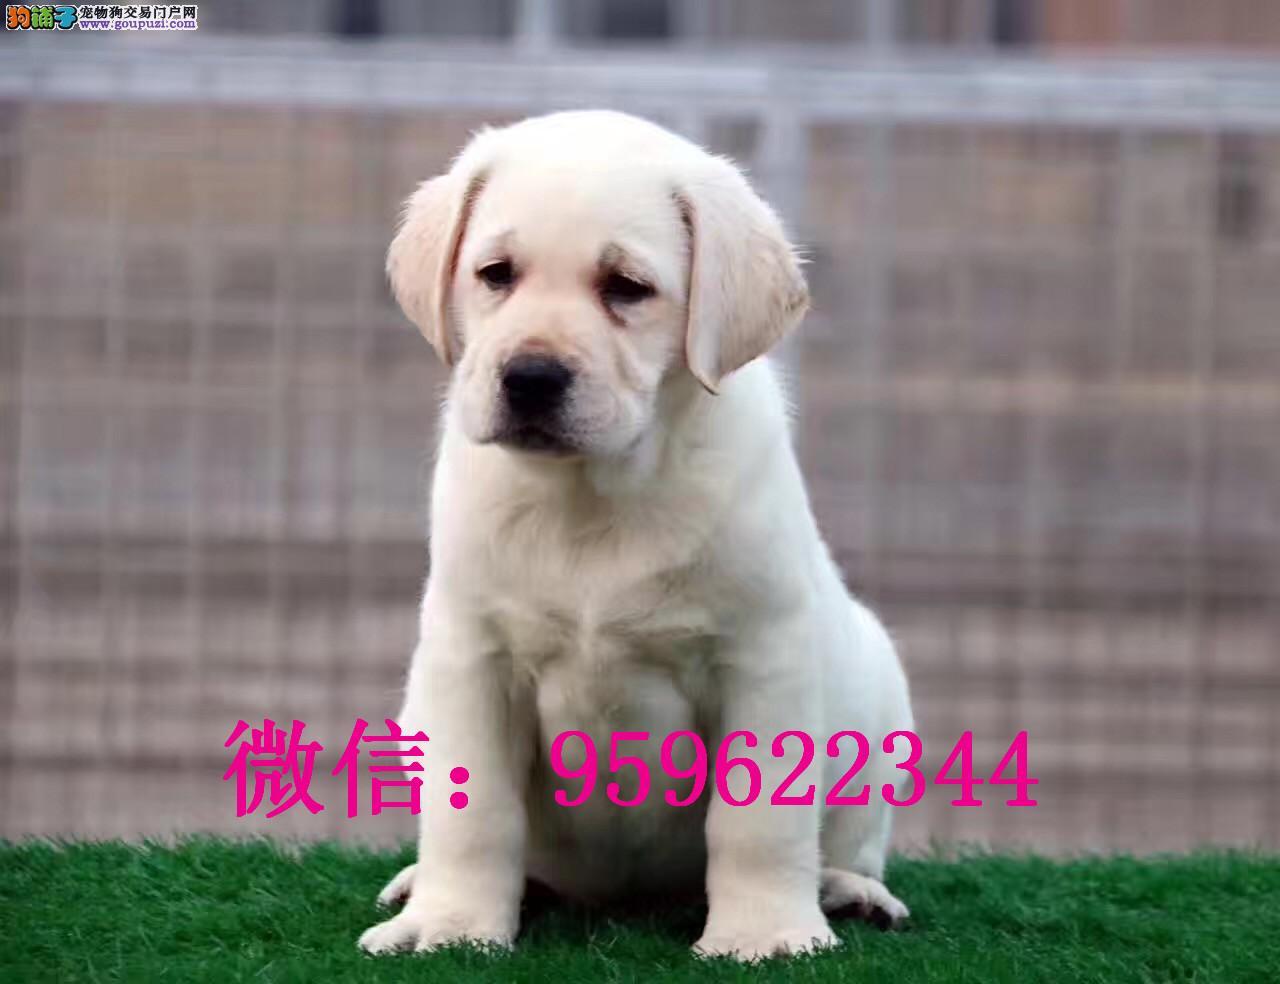 聪明温顺英系拉布拉多犬 奶白色黑色 极品幼犬待售